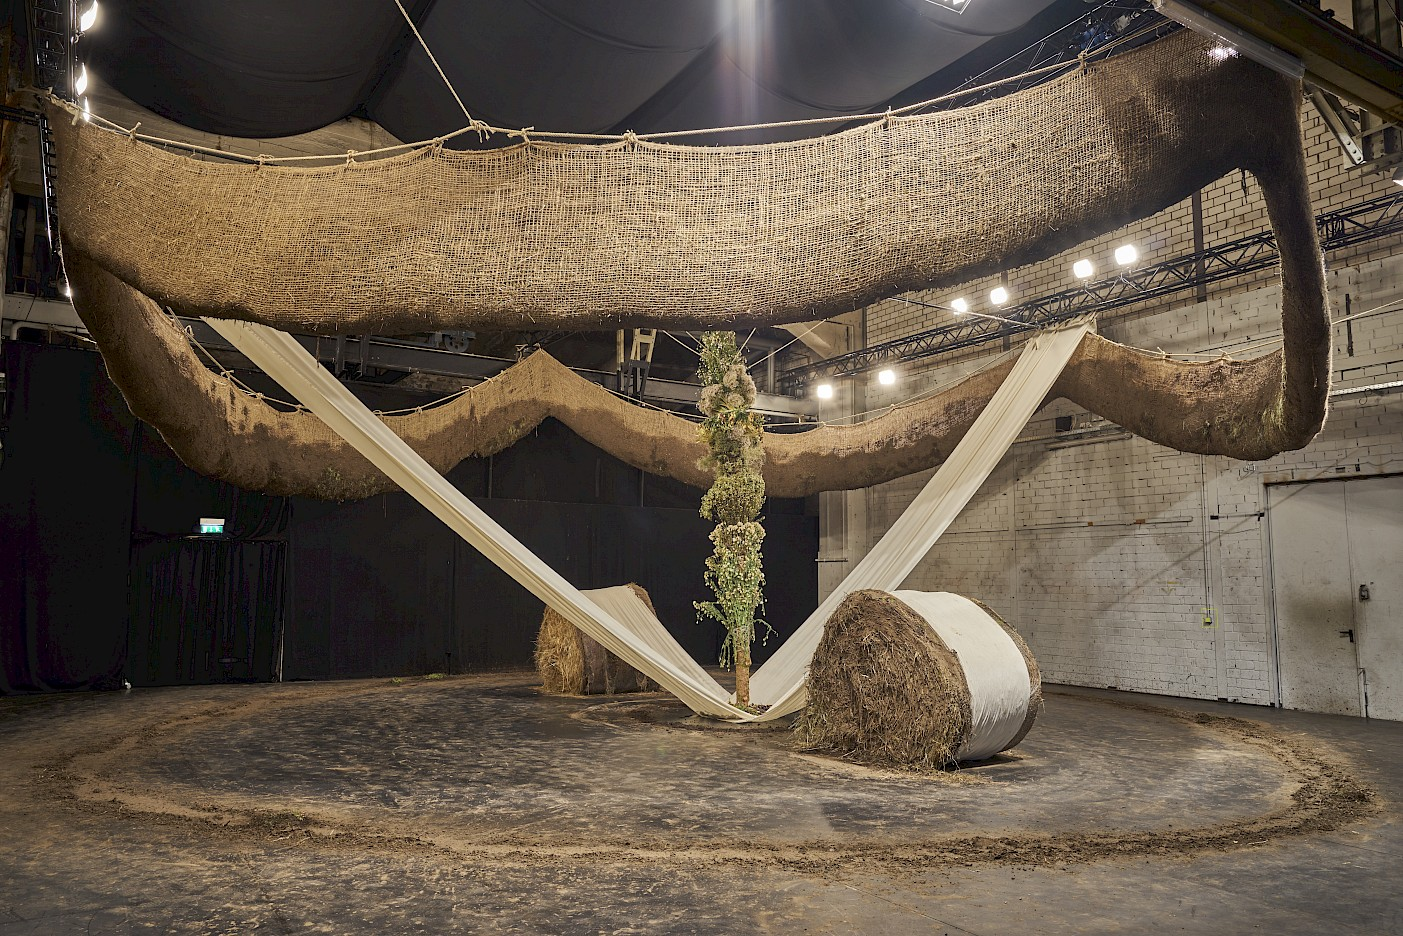 Installation view Podrera, photo: Martin Meiser